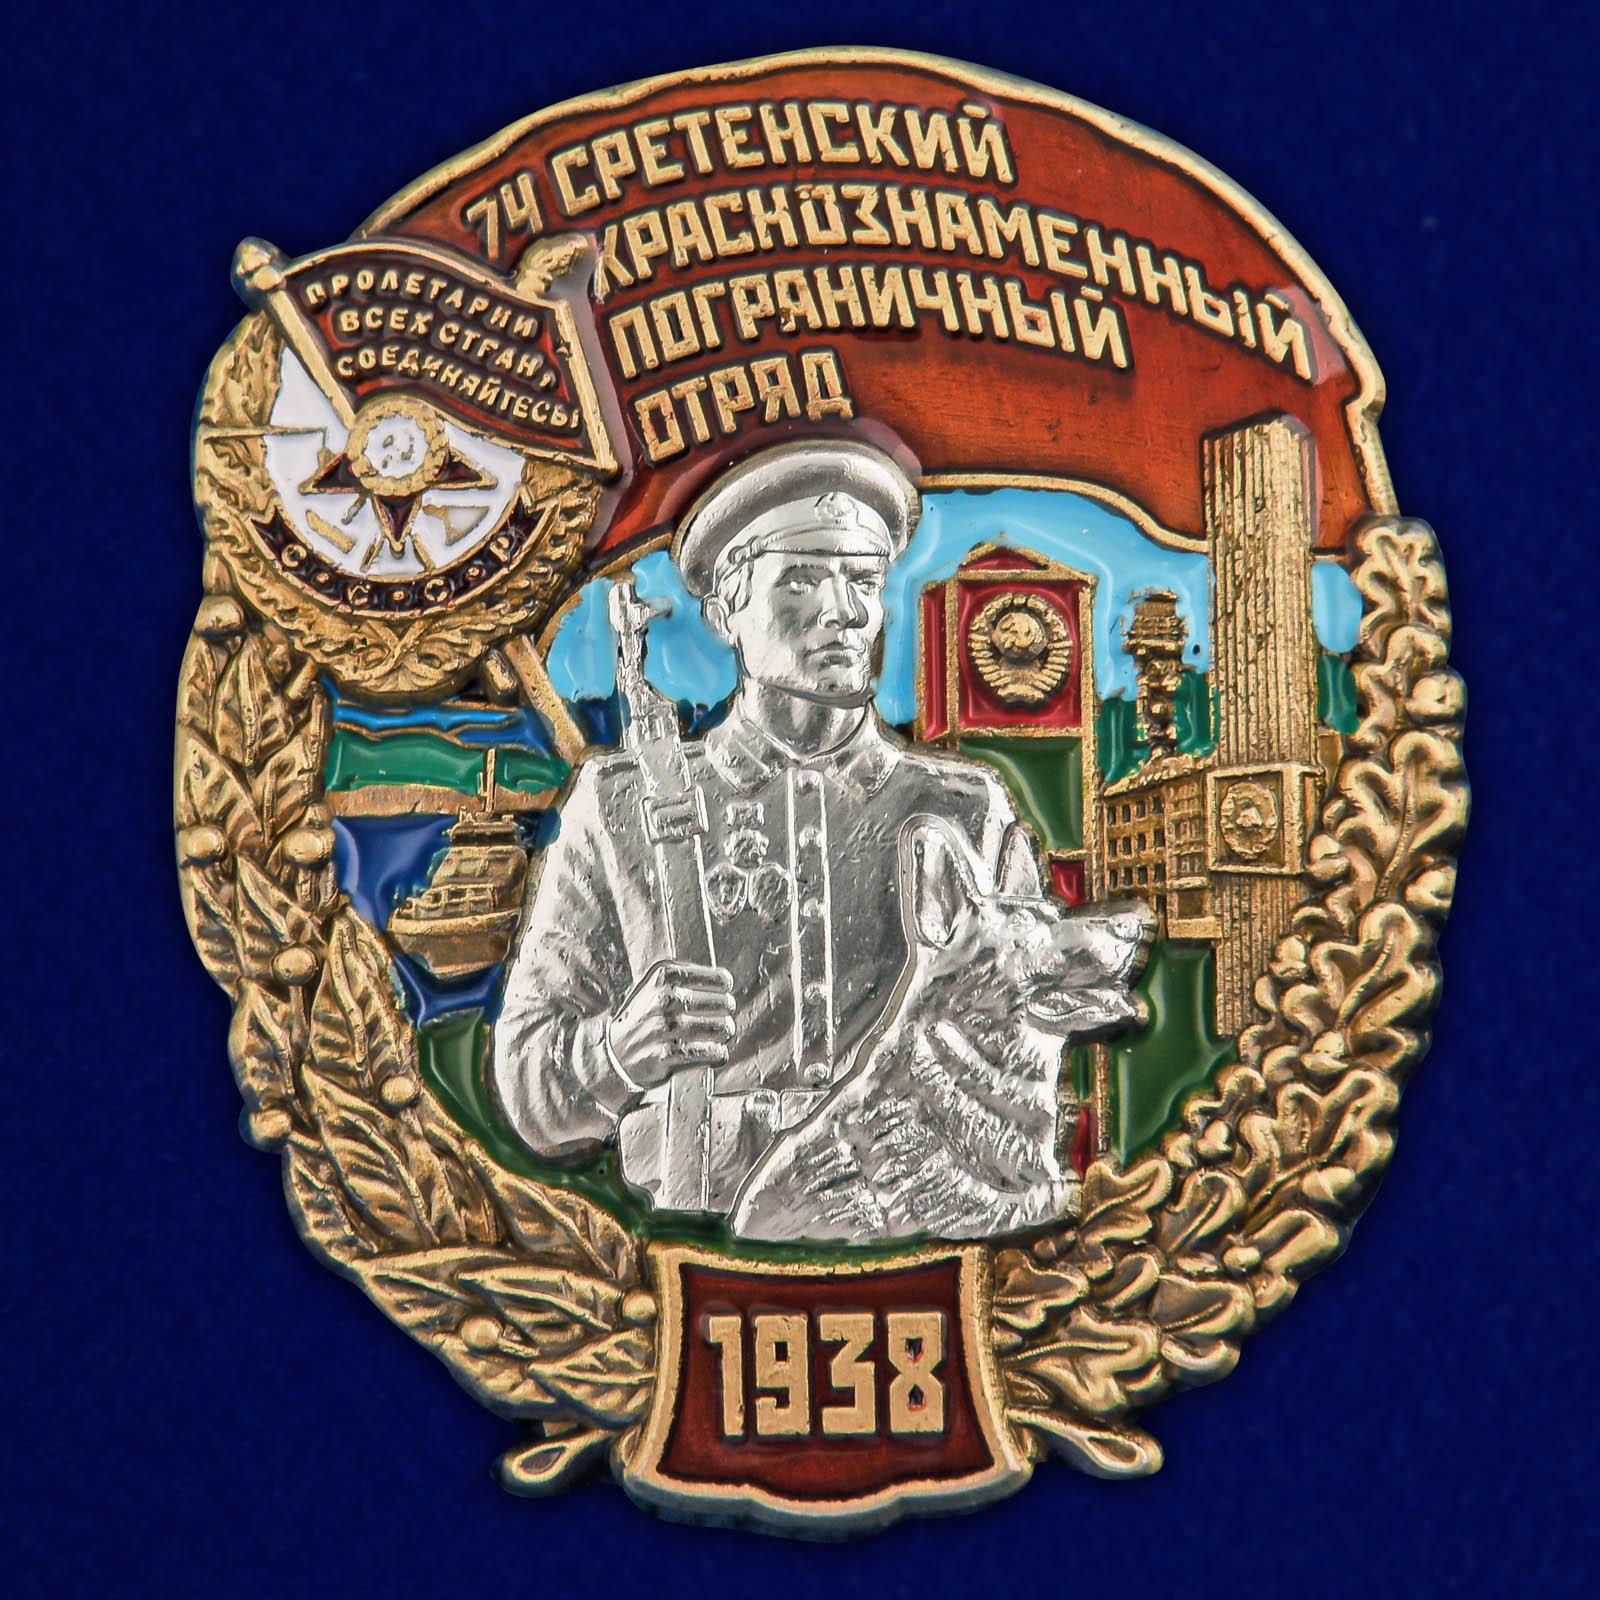 Памятный знак 74 Сретенский пограничный отряд - общий вид